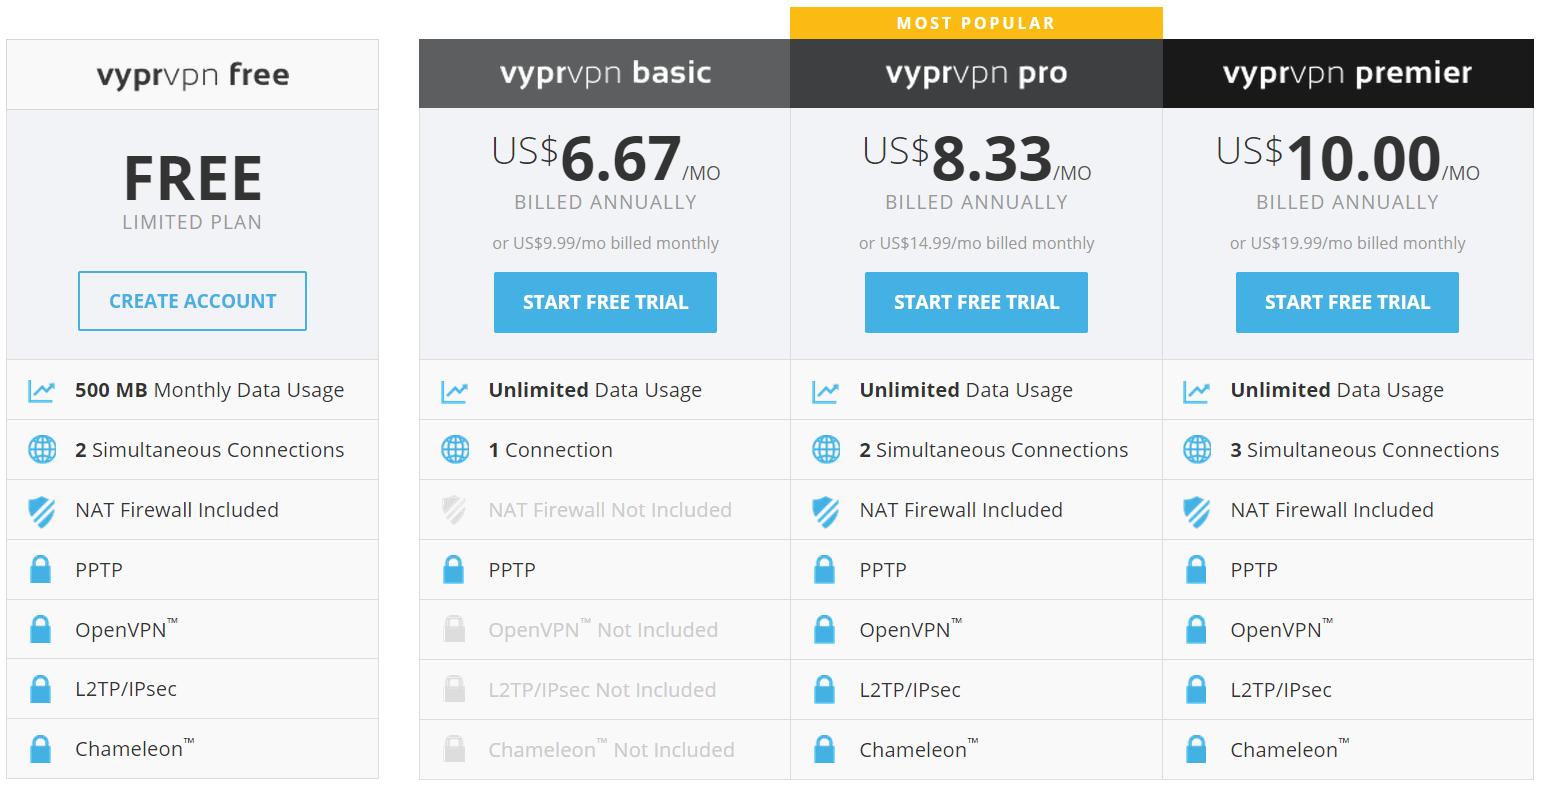 vpn gateway Software - Free Download vpn gateway - Top 4 Download